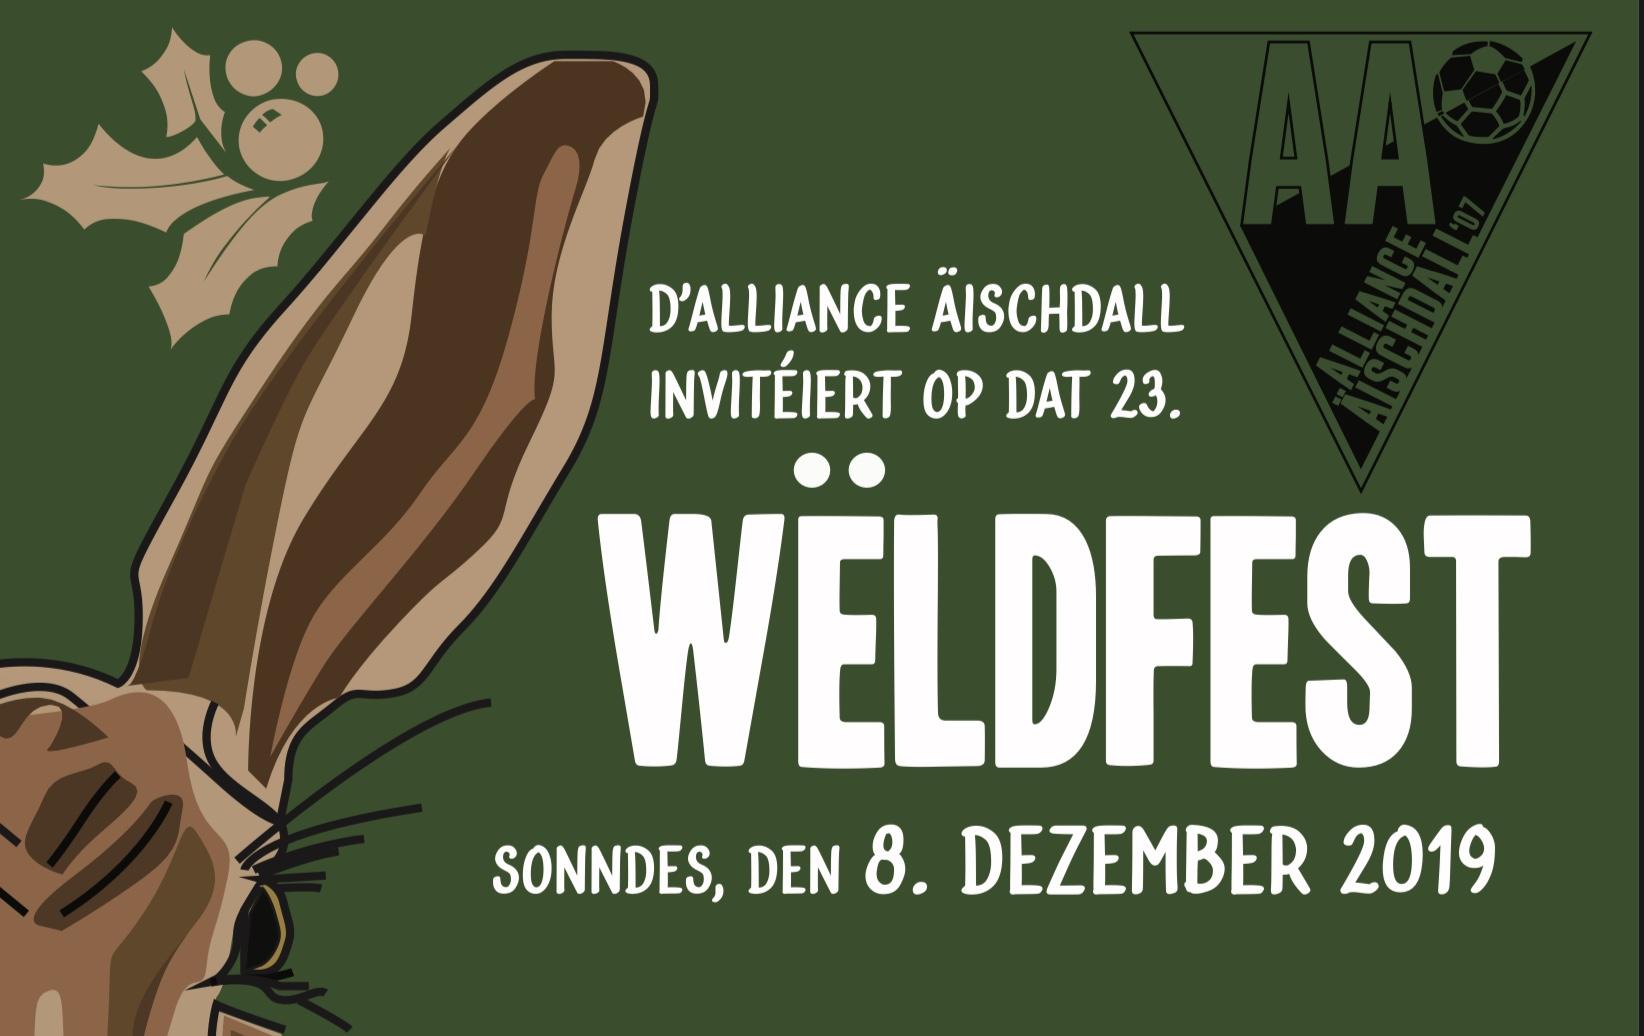 23. Wëldfest